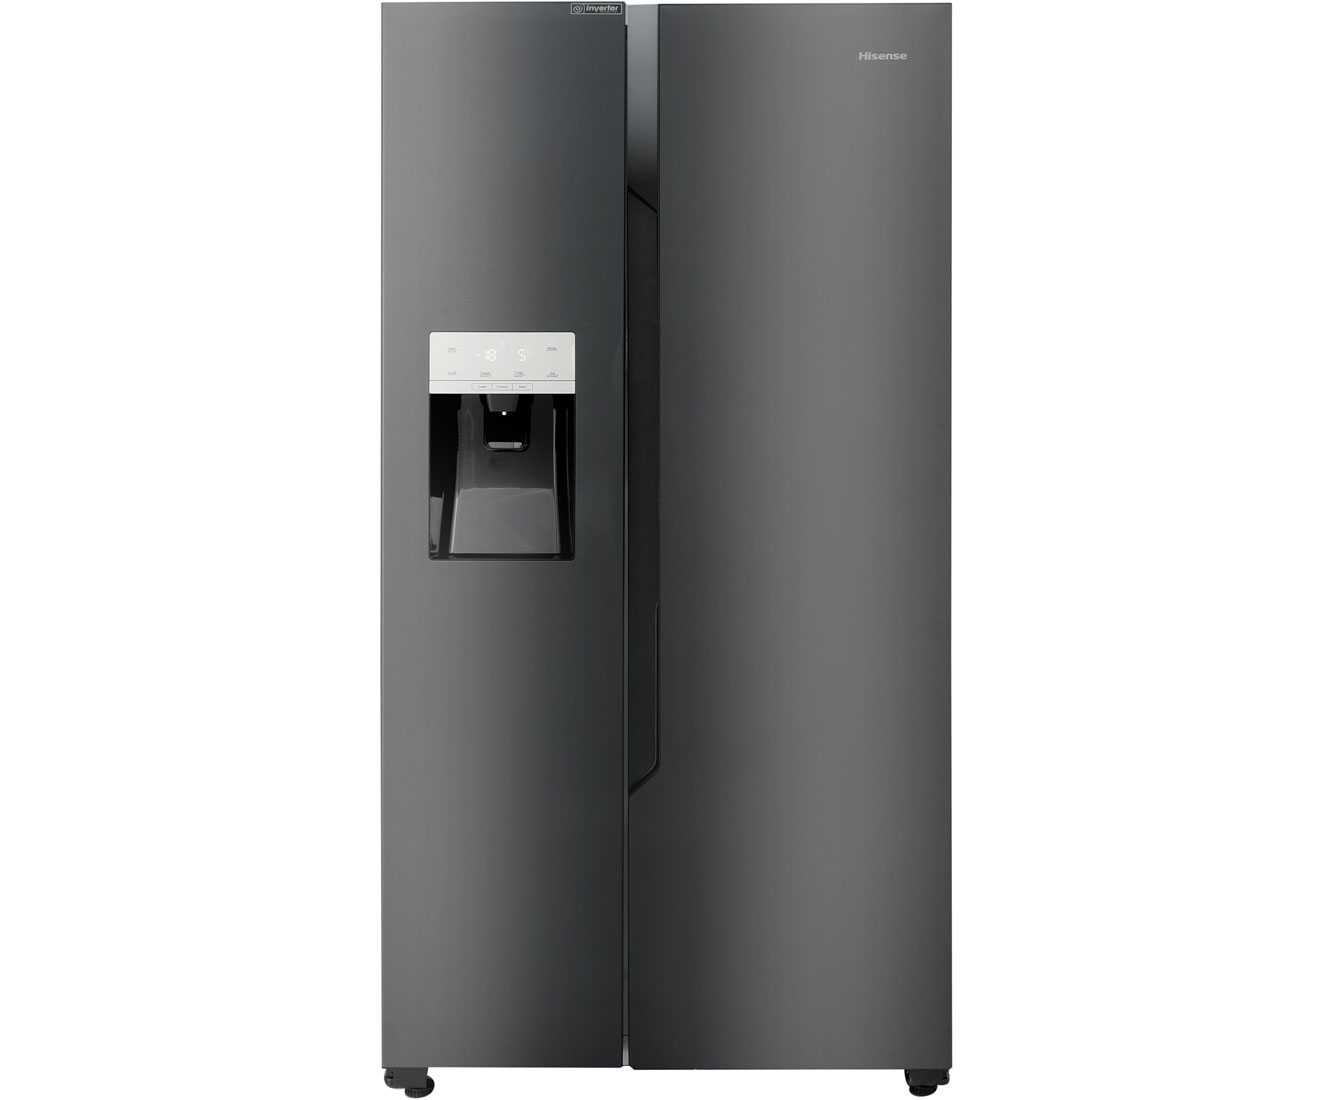 Amerikanischer Kühlschrank Schwarz : Hisense rs694n4tf2 amerikanischer side by side mit wasserspender